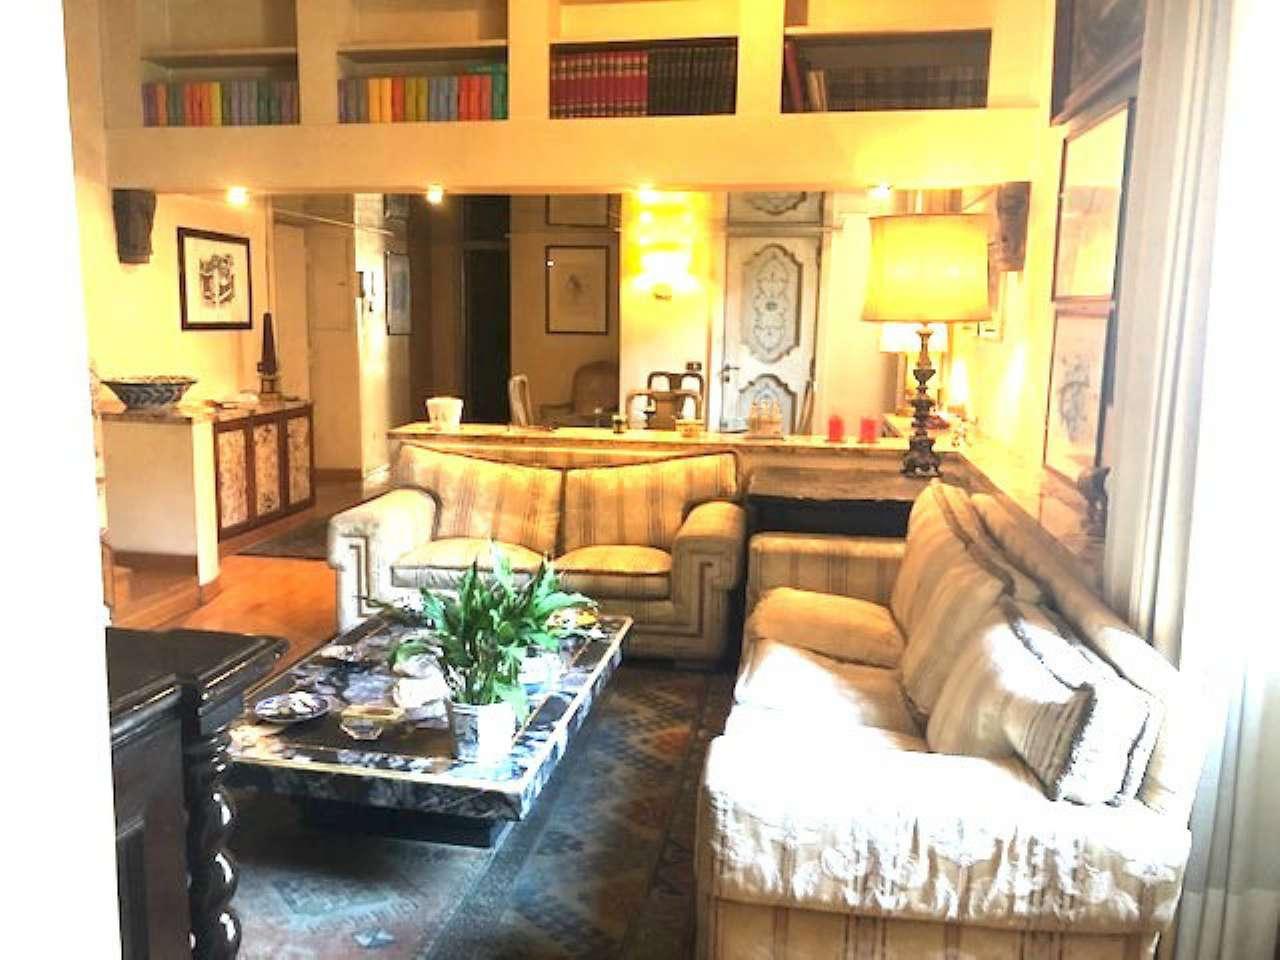 Appartamento in vendita a Roma, 6 locali, zona Zona: 1 . Centro storico, prezzo € 860.000 | CambioCasa.it